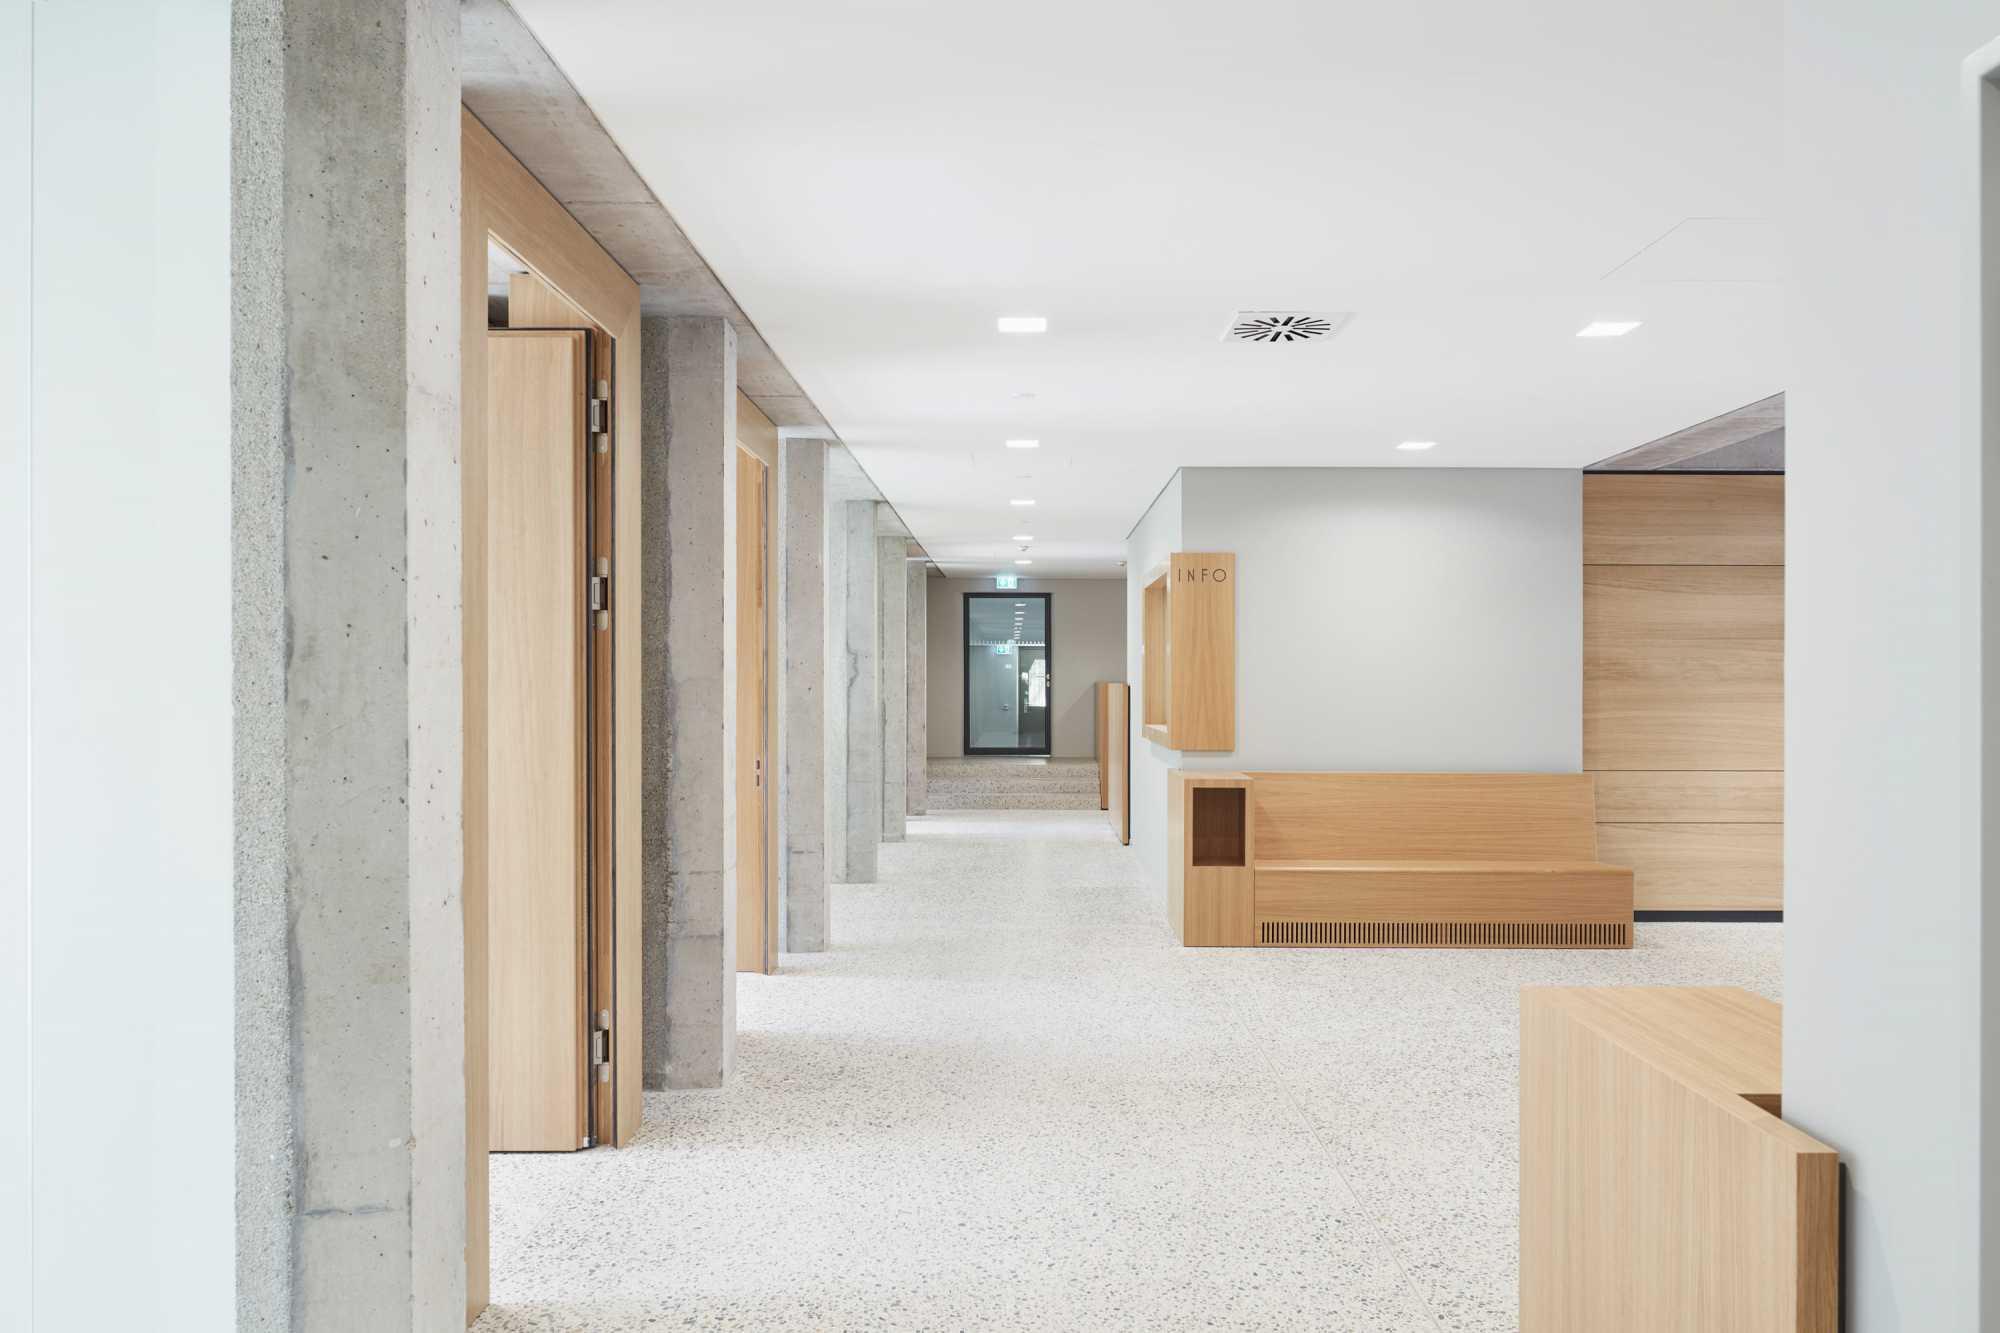 md INTERIOR DESIGN ARCHITECTURE publiziert den Umbau und die denkmalpflegerischen Sanierung des Amts-, Nachlass, und Betreuungsgerichts in Tübingen ({project_images:field_row_count})